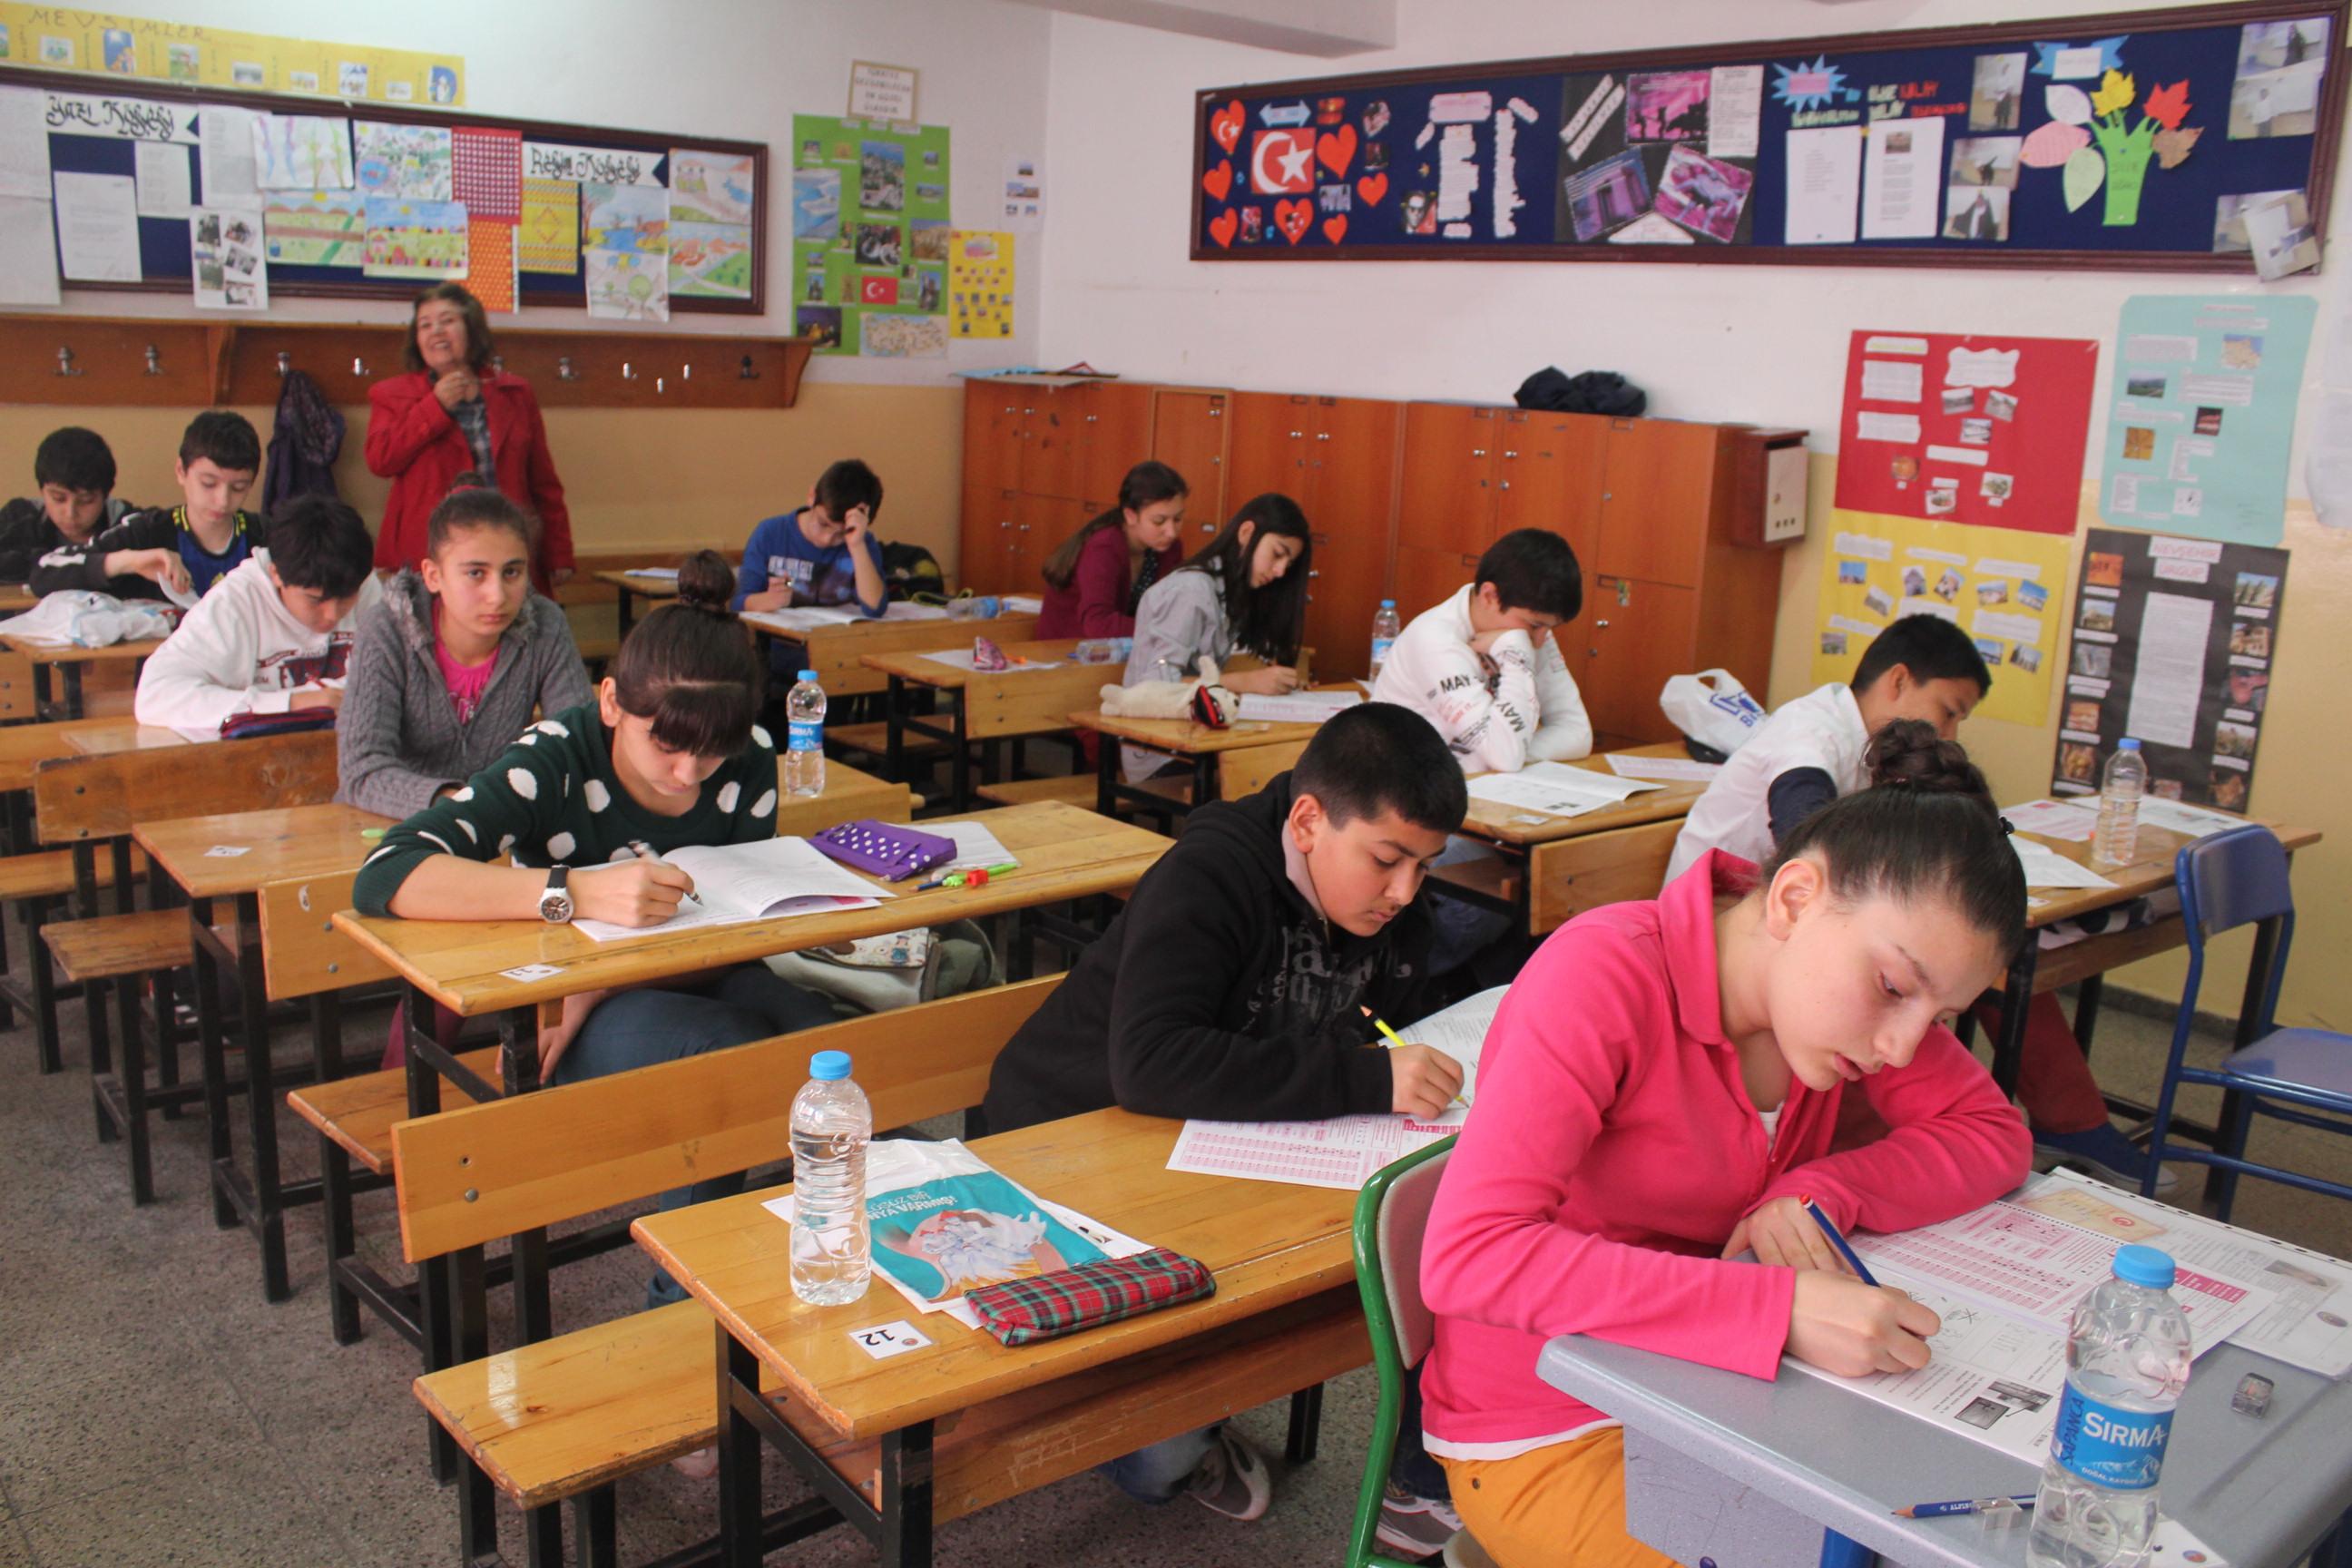 وزارة التعليم تصدر قرارها بدمج الصفين الخامس والتاسع السوريّين بالمدارس التركية   ترك برس